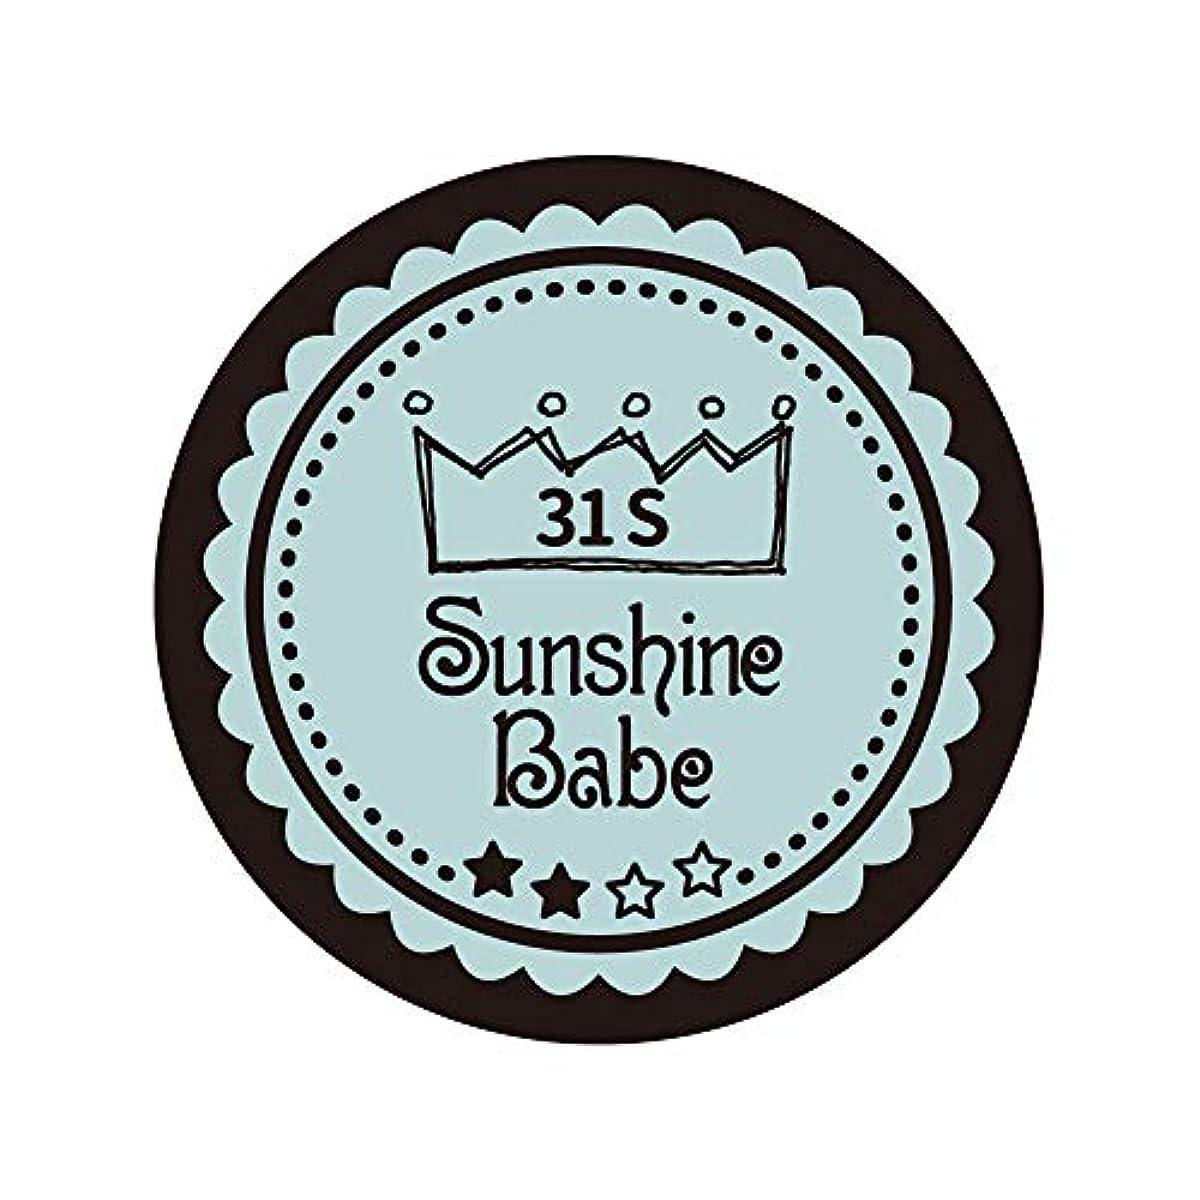 ミサイル優雅置換Sunshine Babe カラージェル 31S アイスブルー 2.7g UV/LED対応